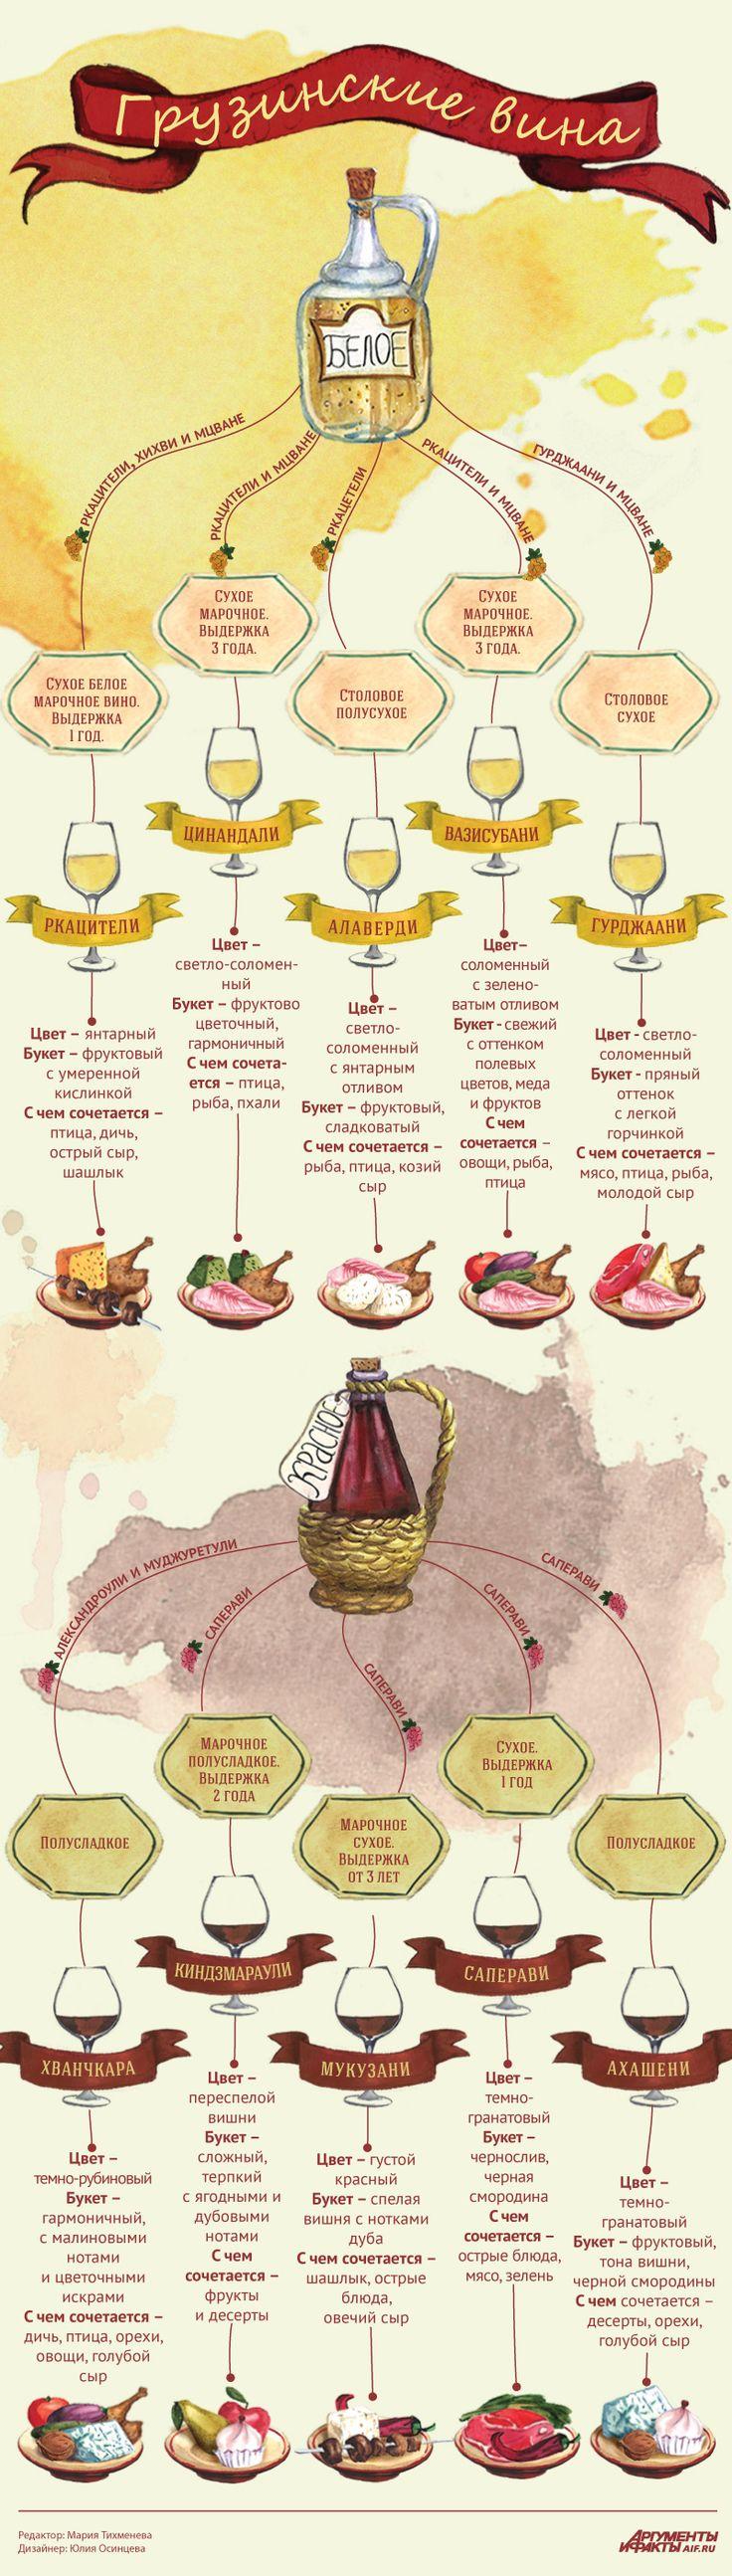 10 знаменитых грузинских вин и их гастрономические пары